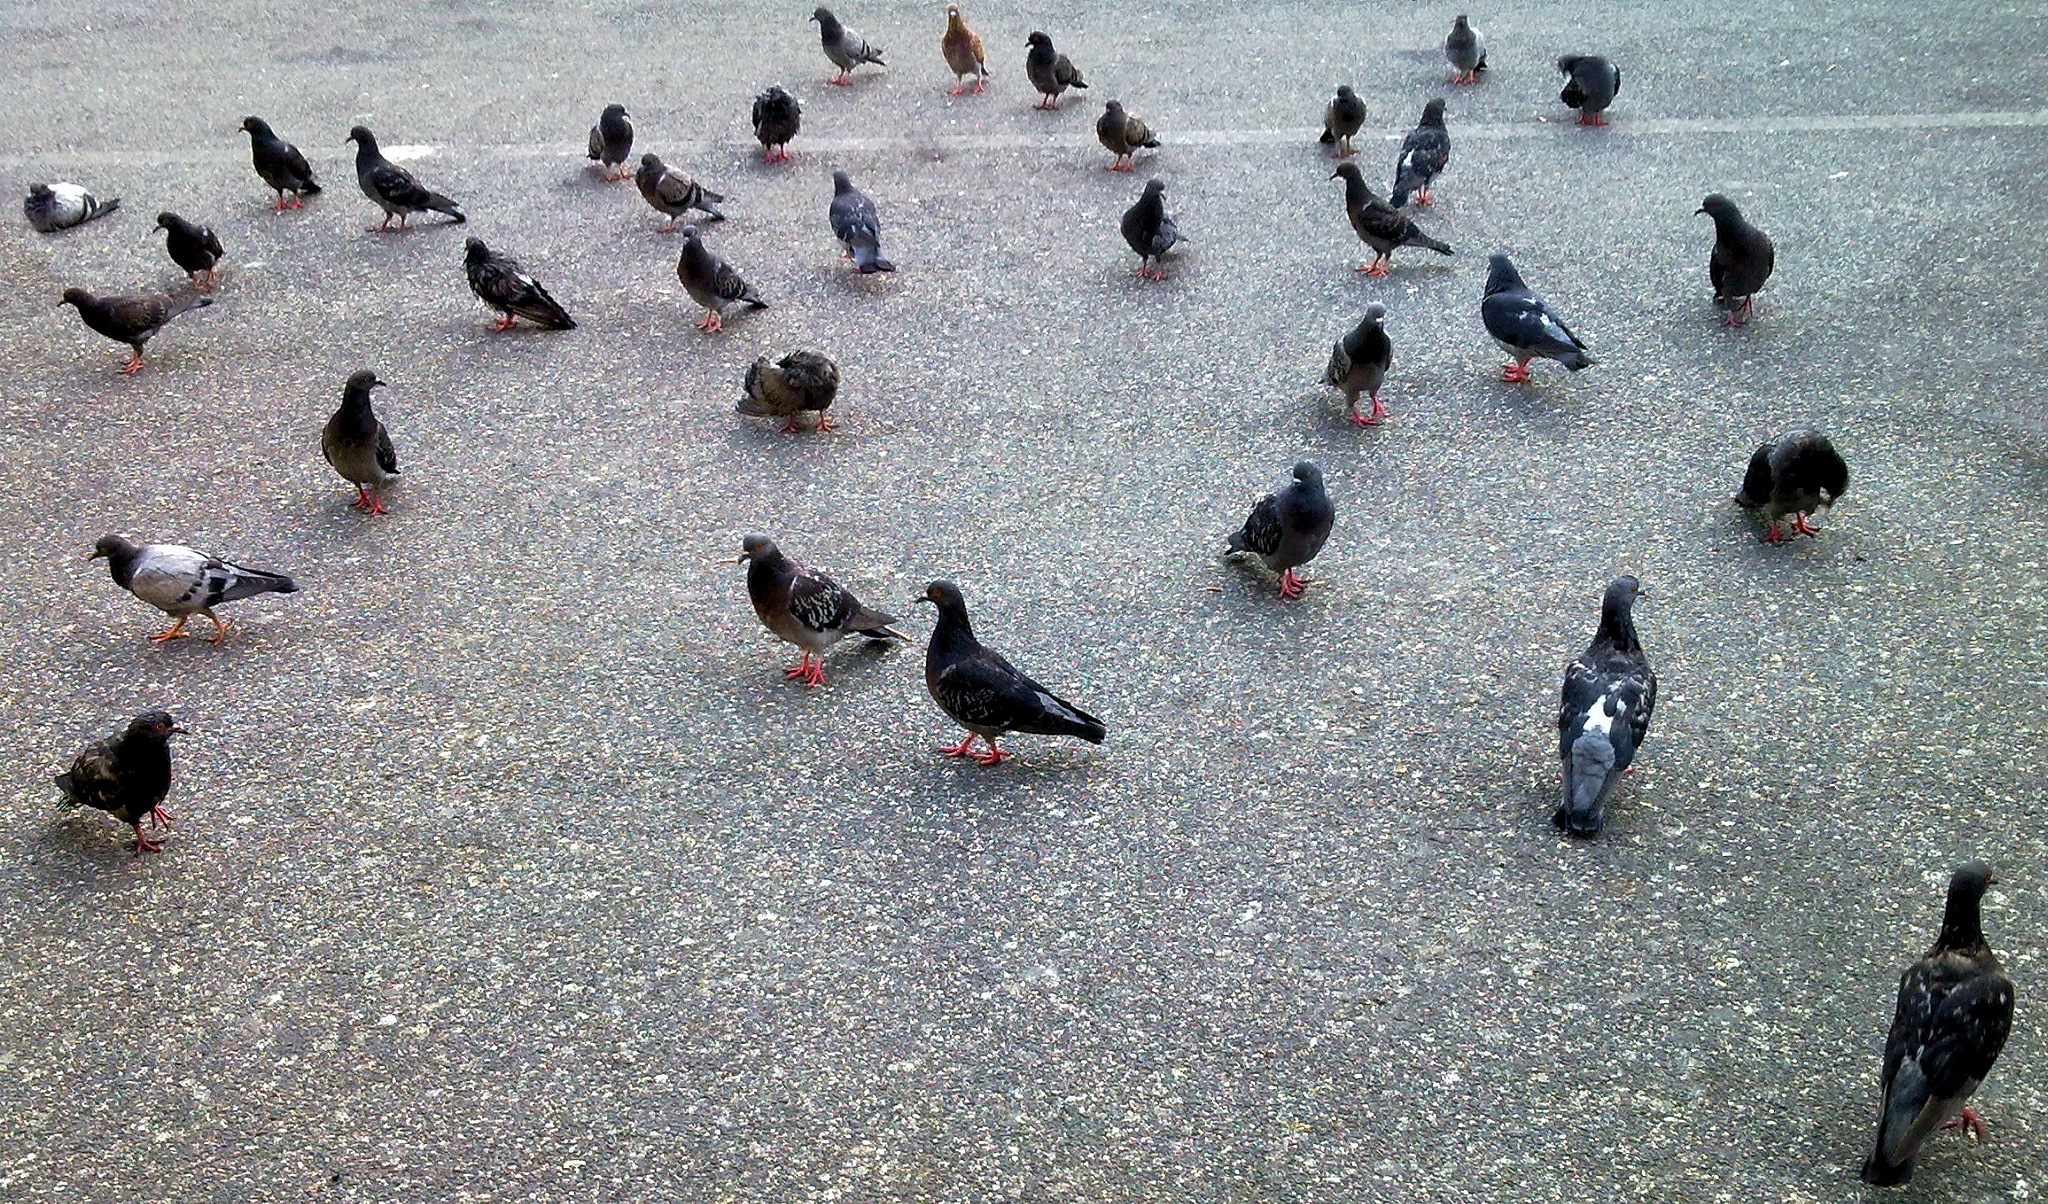 Nàpols - Naples - Un colom.. potser? -  A Pigeon... maybe? - 1 by Mister Arnauna & Gatto Giuggiolone